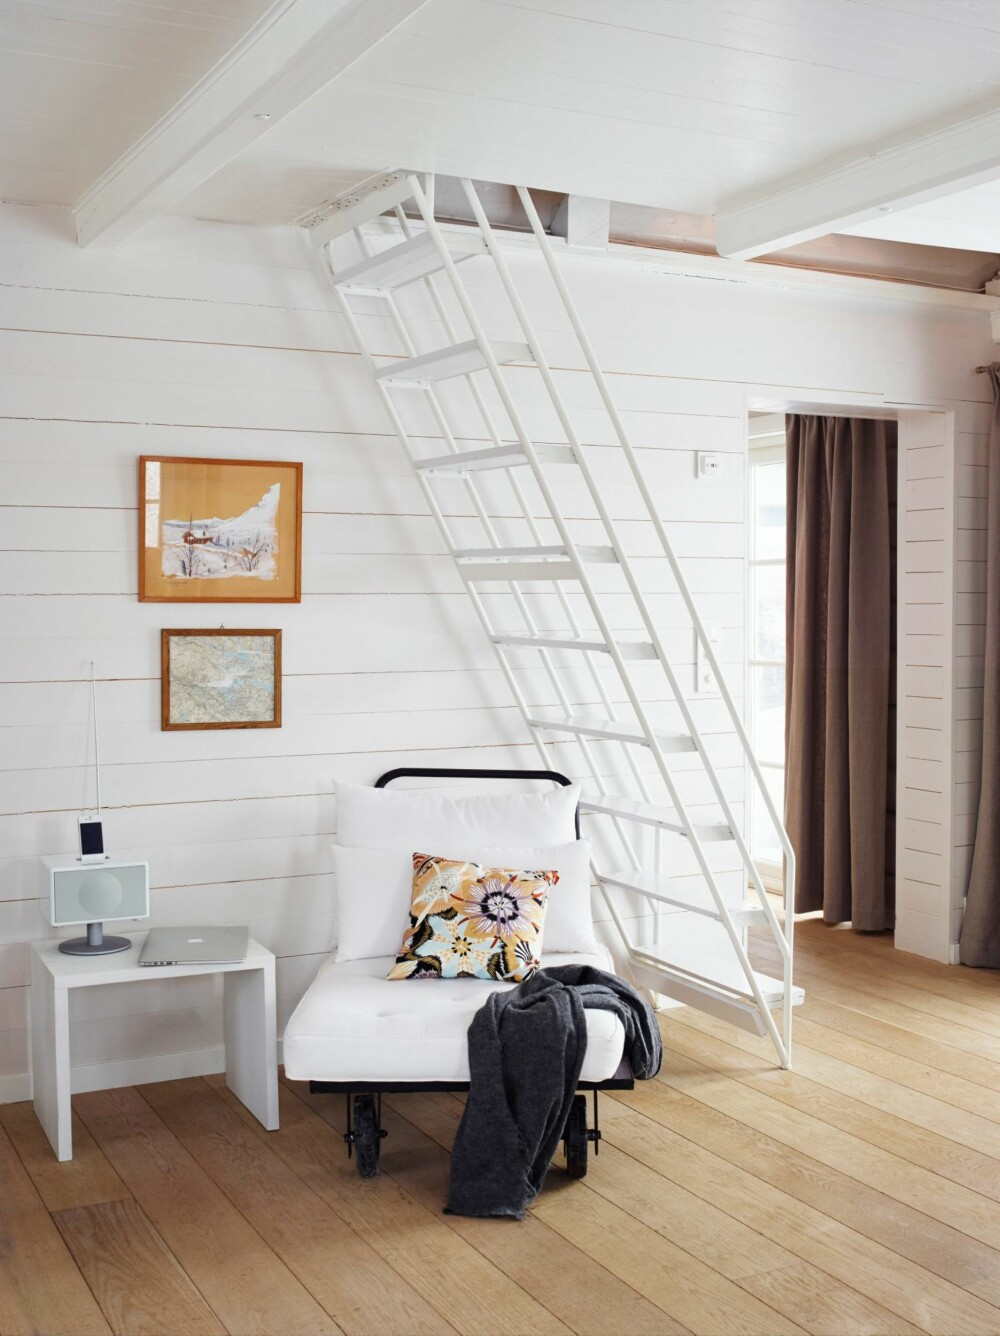 PLASSBESPARENDE: Trappen opp til sovehemsene er tegnet og bygget av Mariannes bestefar, da han eide hytta. Avslapningsstolen er fra Palma. Bildene er gamle kart, blomstret pute fra Missoni. På gulvet er det brede planker i eik. Styling: Tone Kroken.